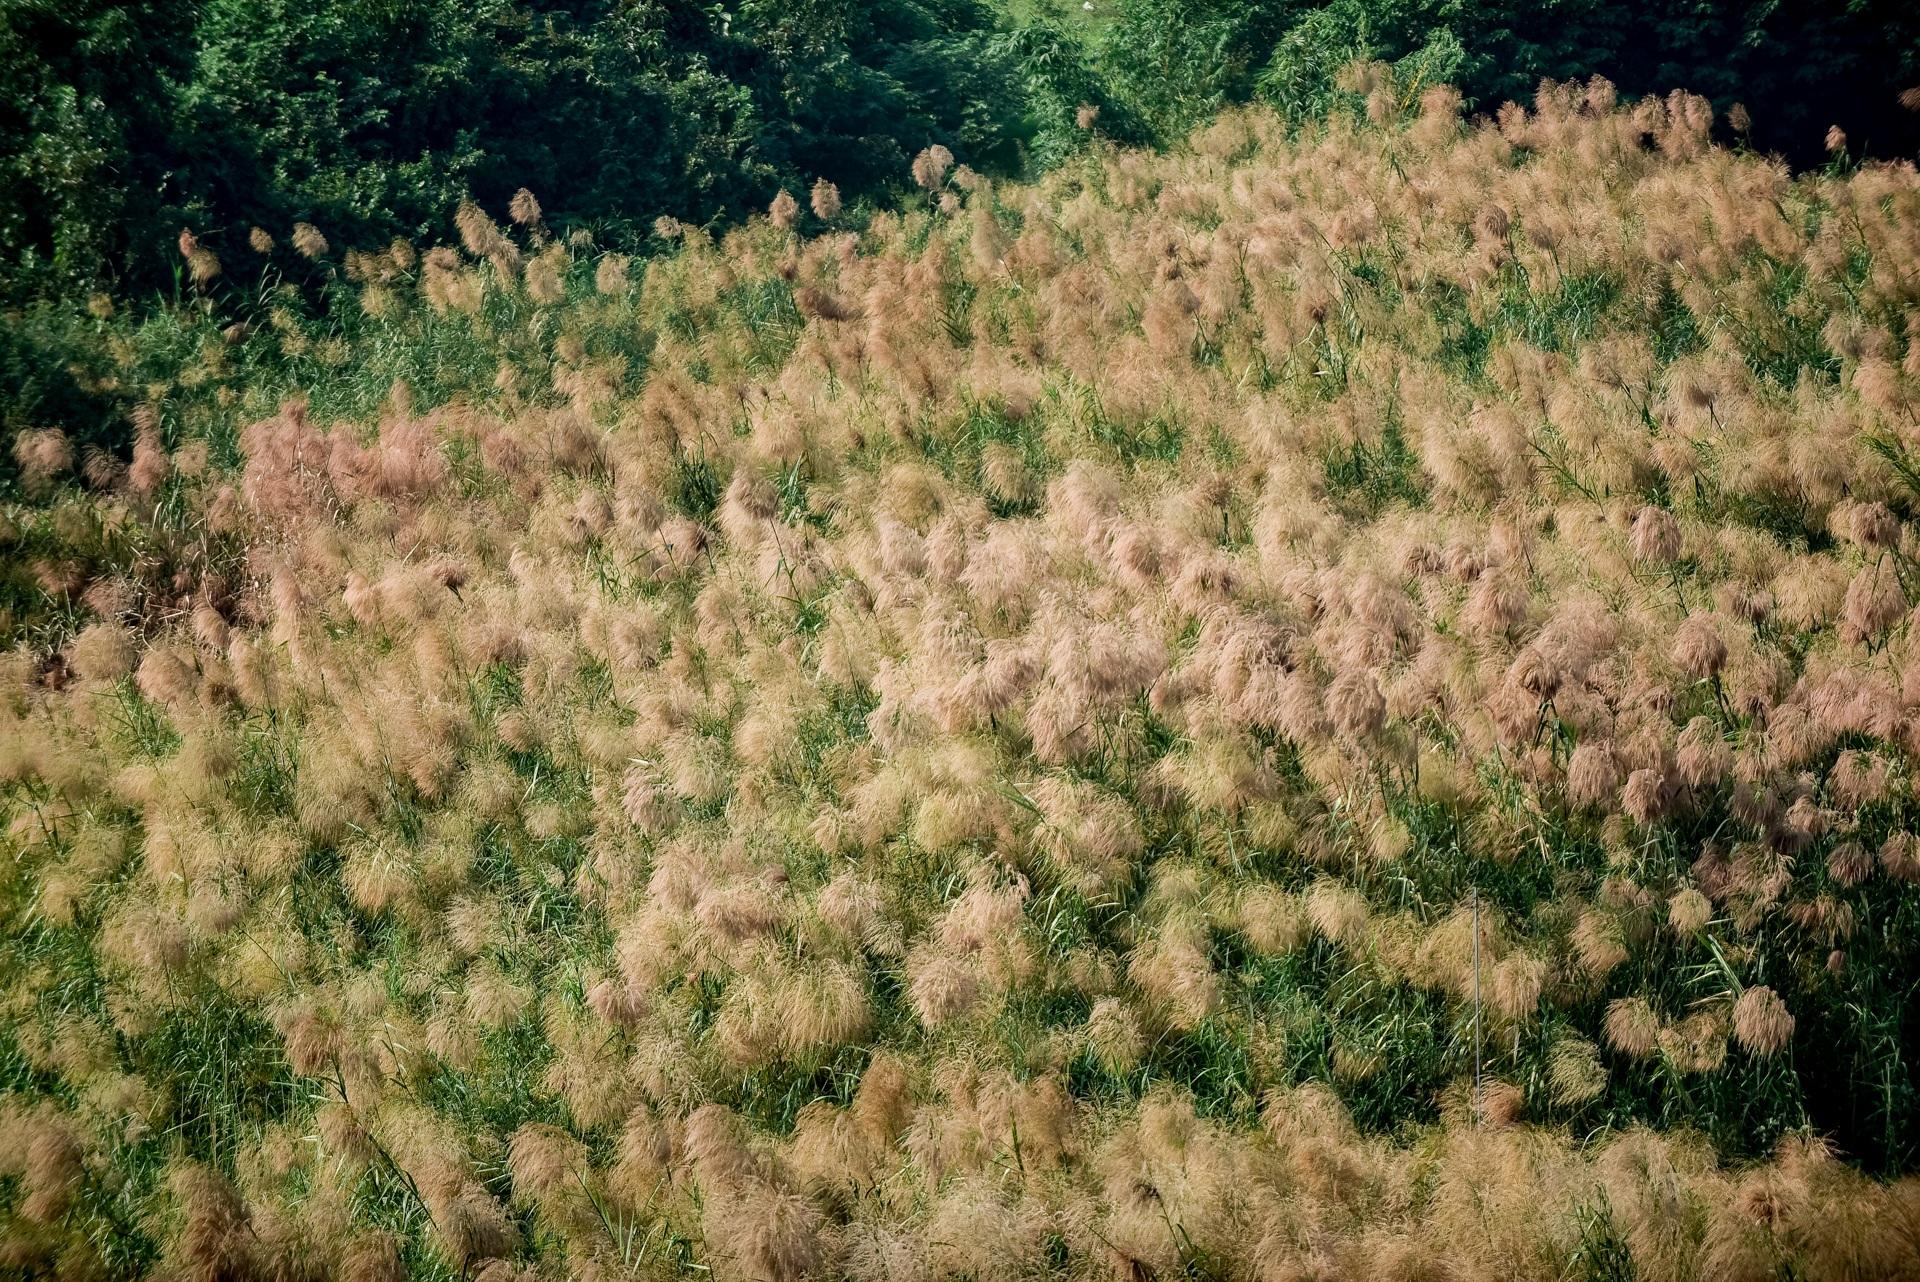 Lạc vào cánh đồng cỏ lau đẹp như xứ sở thần tiên dưới chân cầu Long Biên - 1